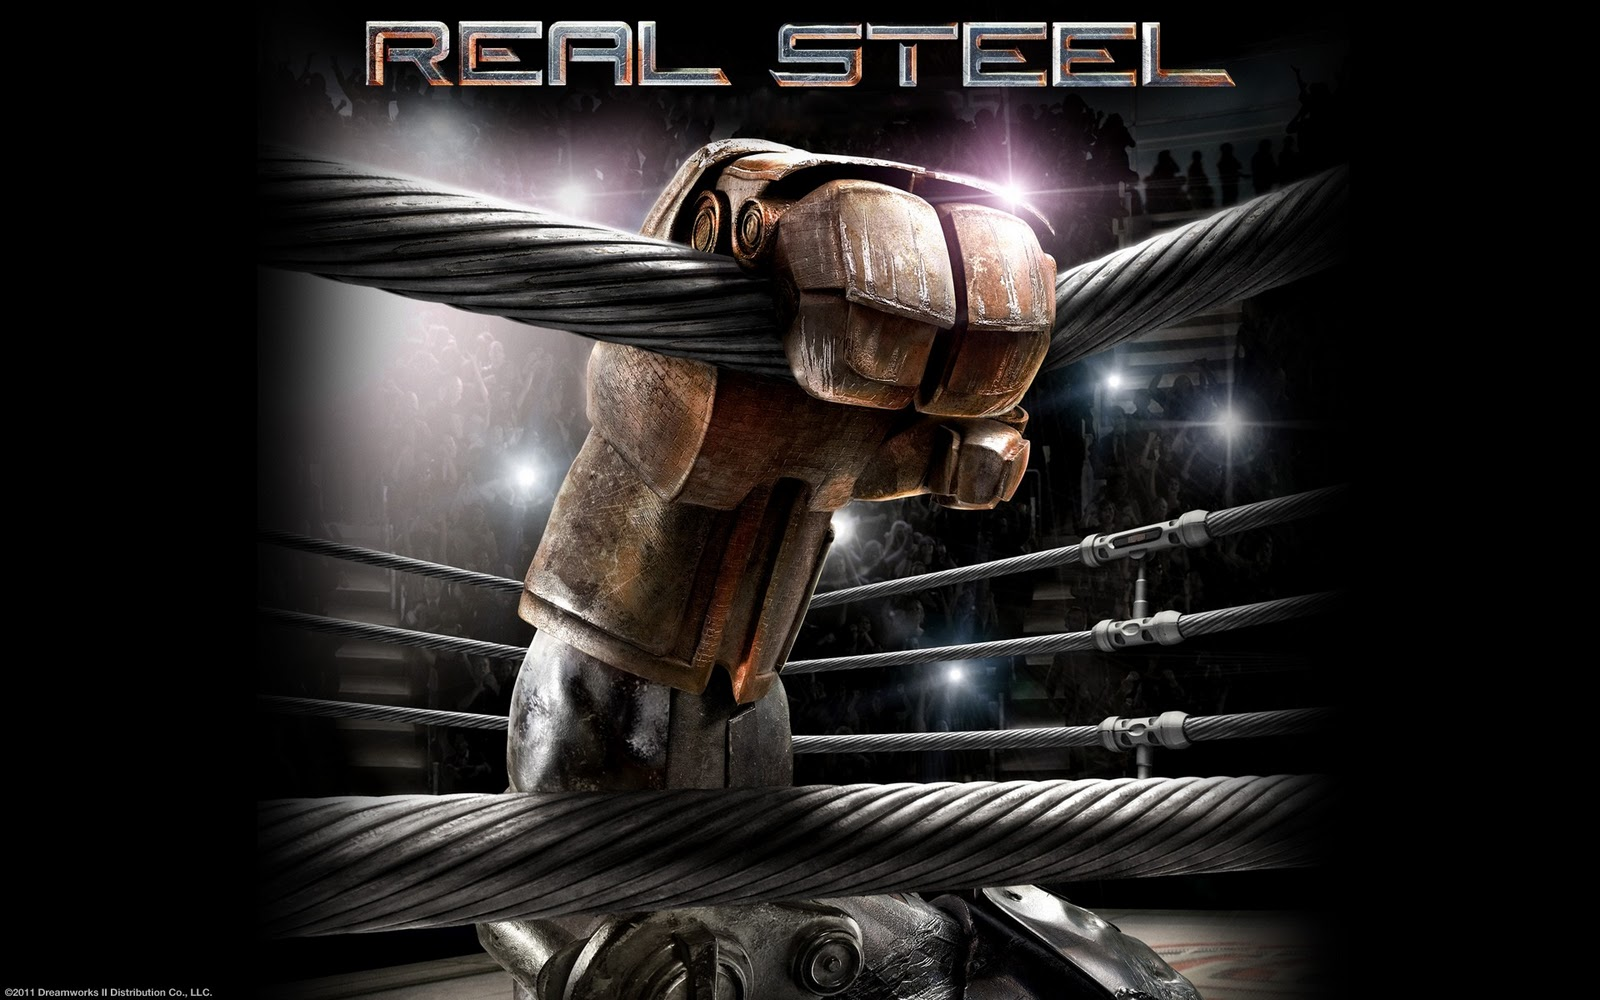 http://2.bp.blogspot.com/-uc2ObI4nqws/Toyb6dMSZCI/AAAAAAAADkc/DI_WQmWwgVw/s1600/Real_Steel_wallpapers+%25282%2529.jpg